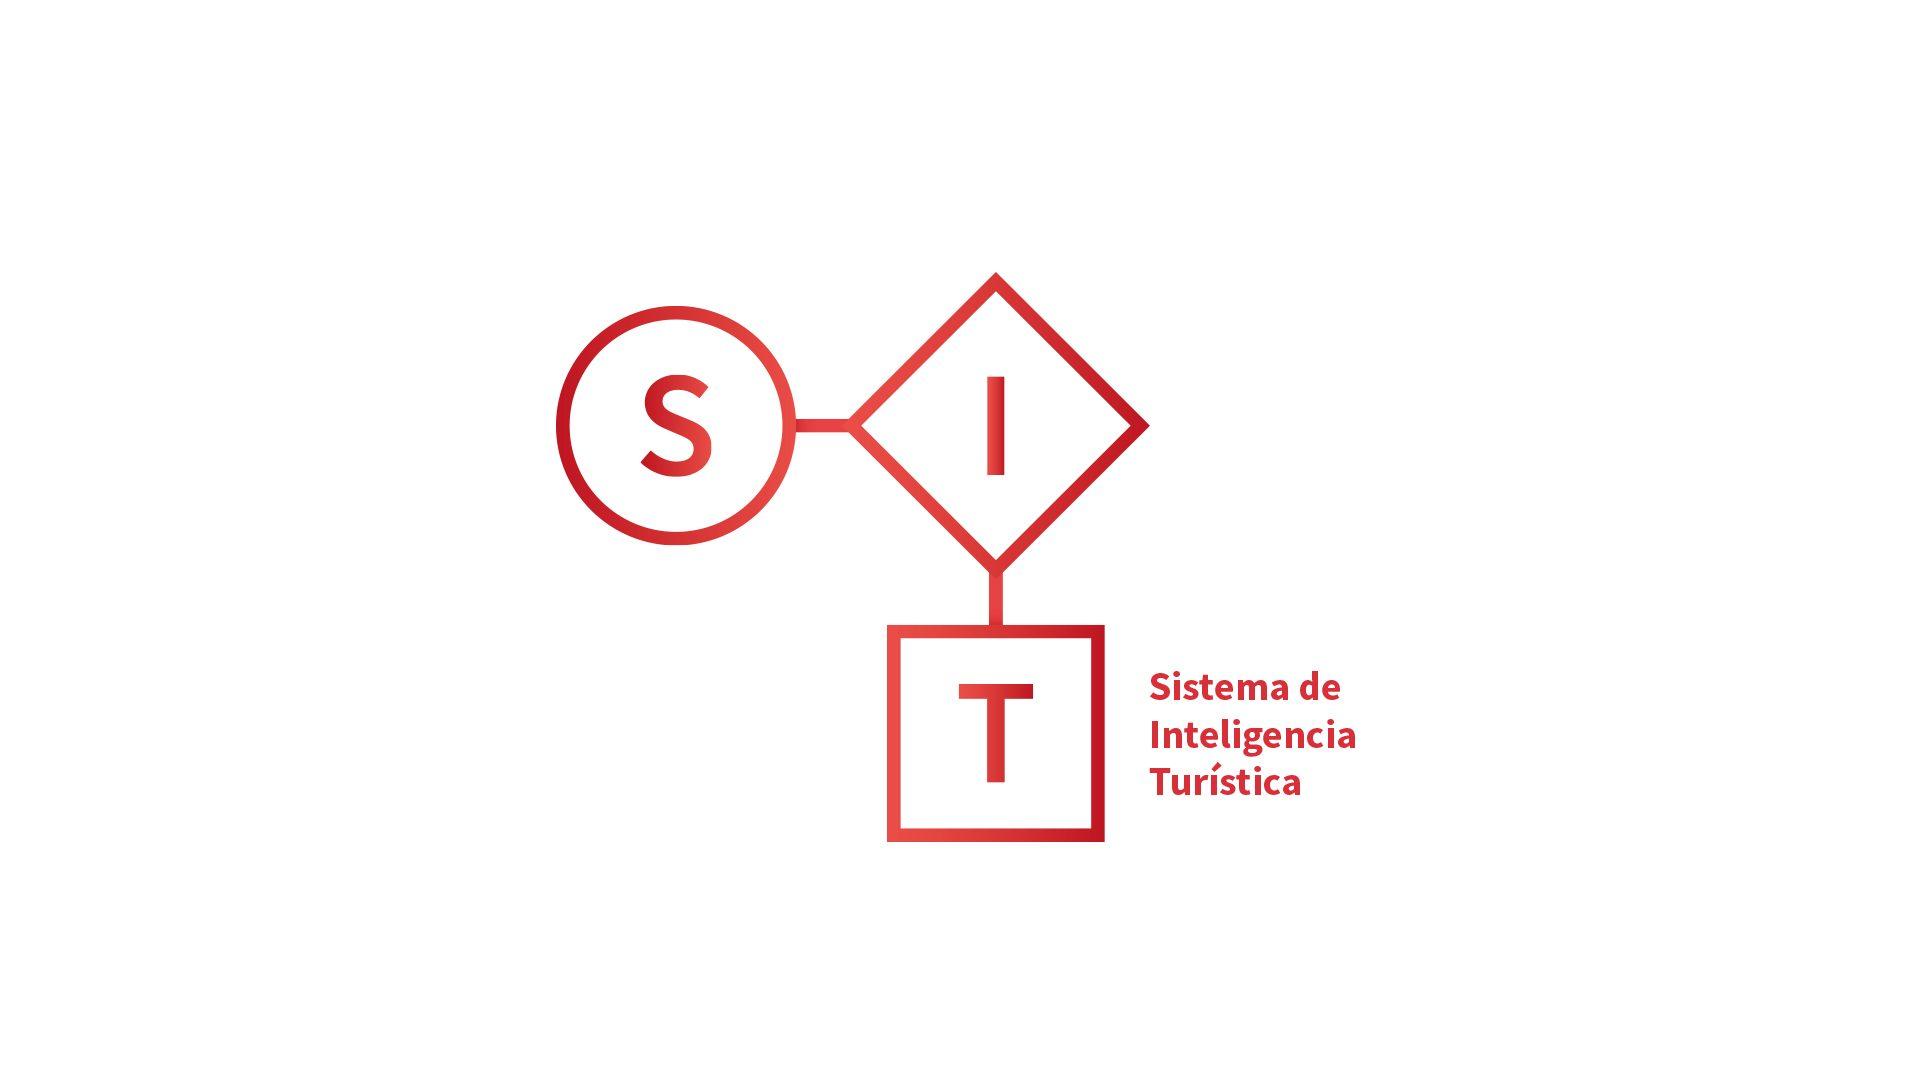 imagen-proyecto-segittur